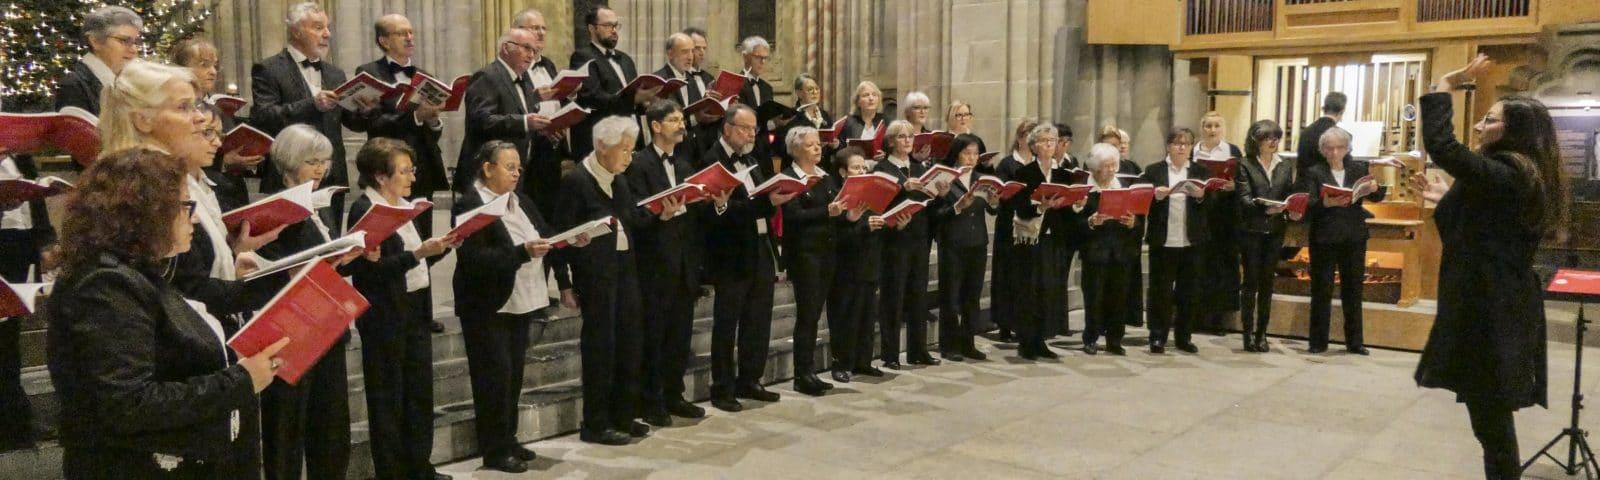 Le Choeur de la Cathédrale de Lausanne